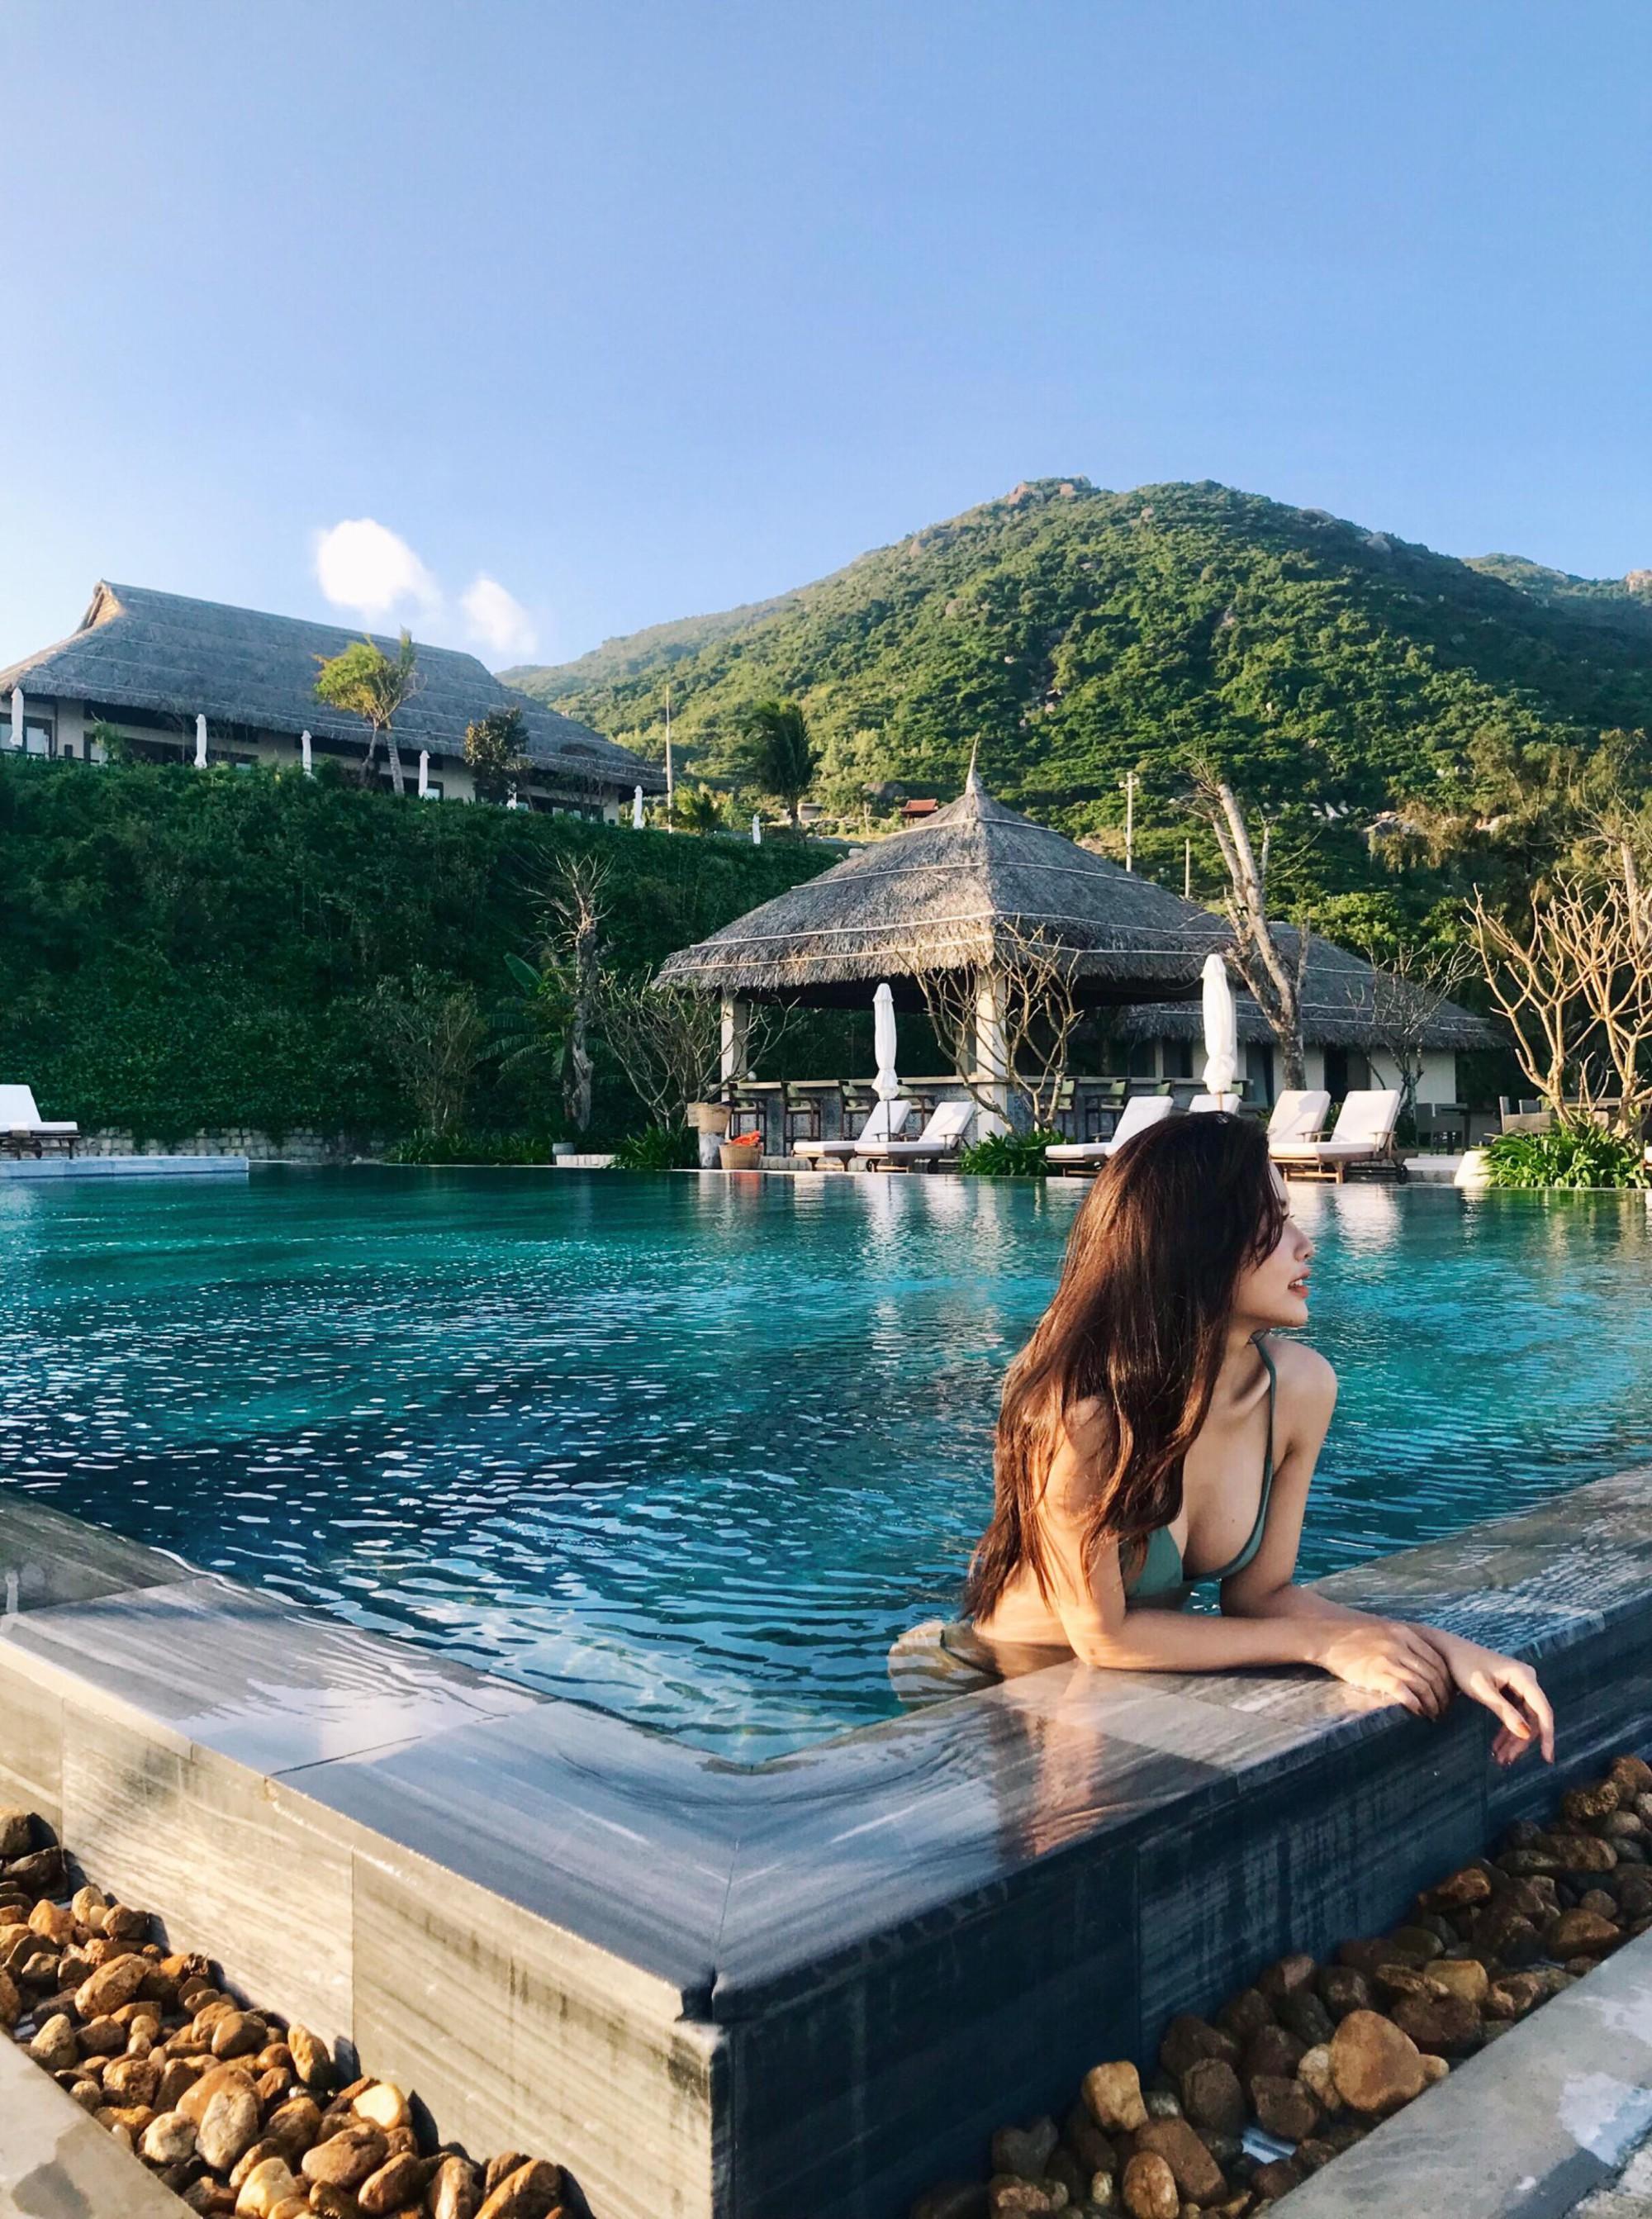 Lộ điểm check in sống ảo mới tại Quy Nhơn, nửa sang chảnh như Maldive, nửa xanh màu thiên đường nghỉ dưỡng Bali - Ảnh 12.